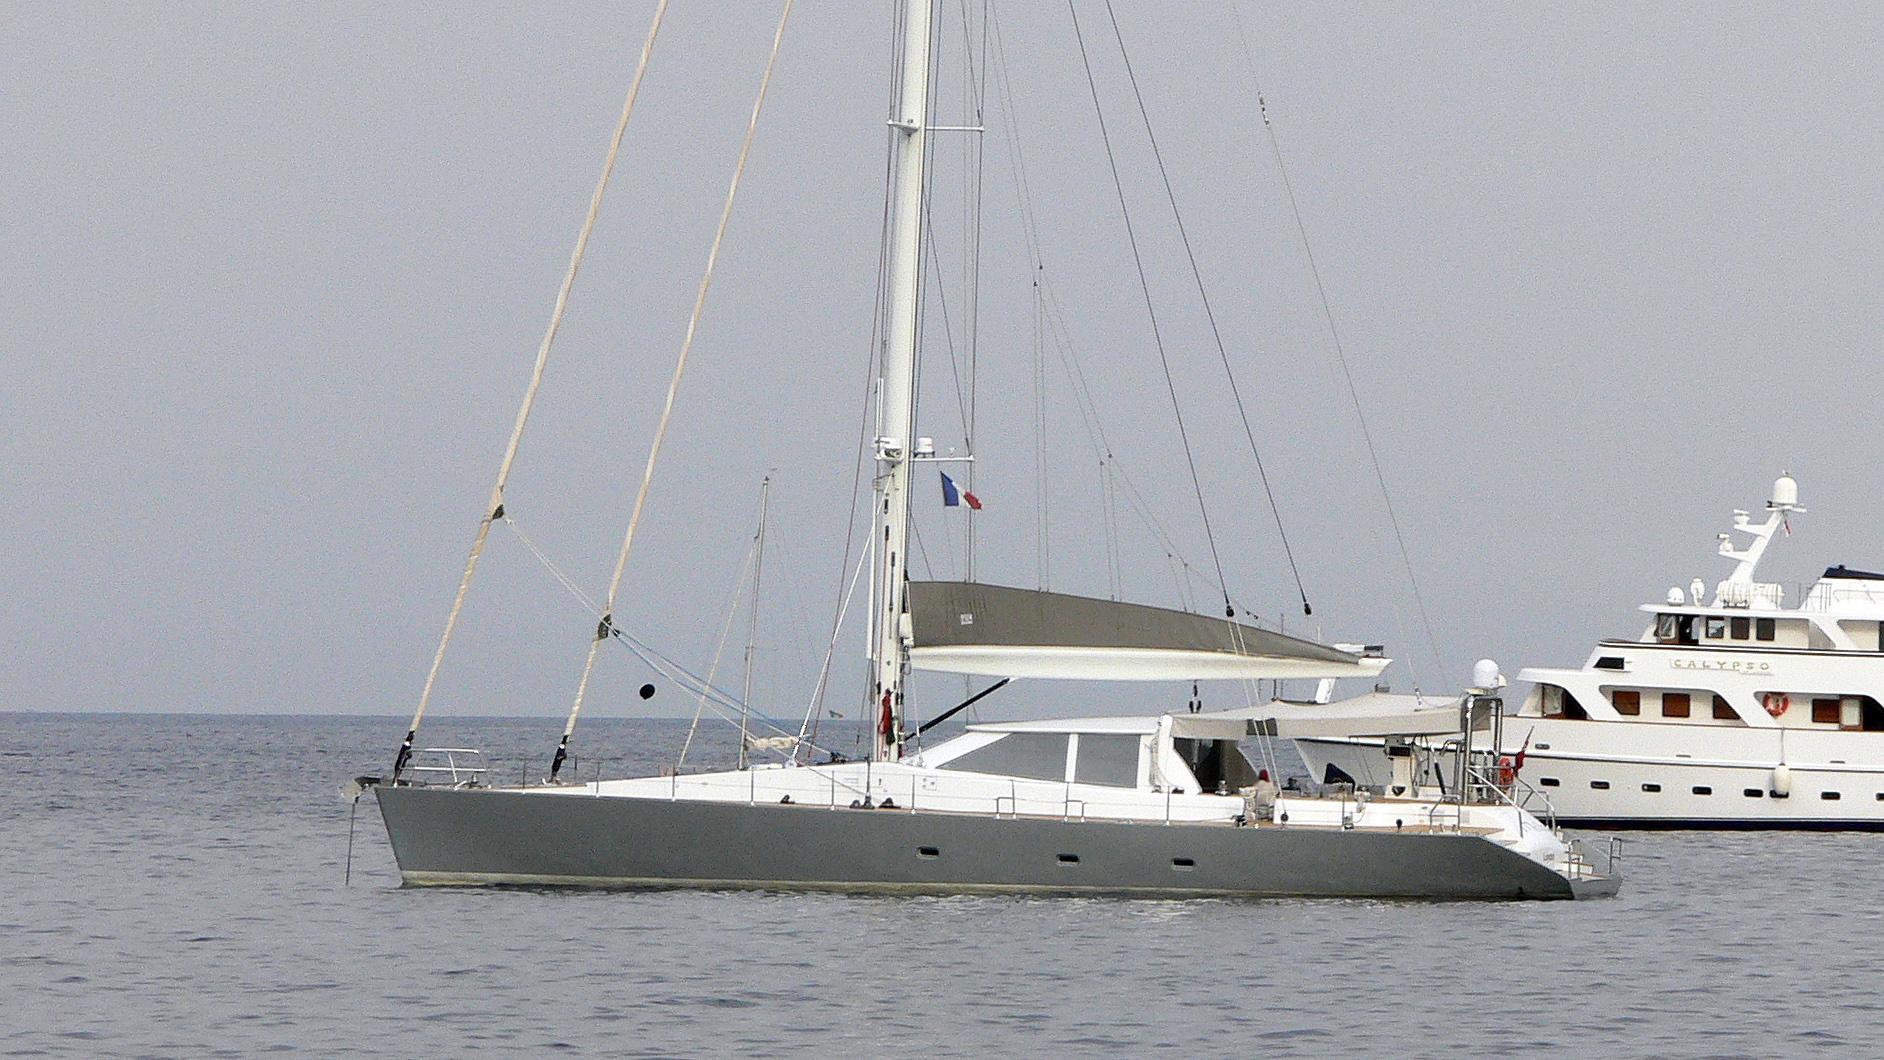 melite-sailing-yacht-nereids-ny-24i-2007-24m-profile